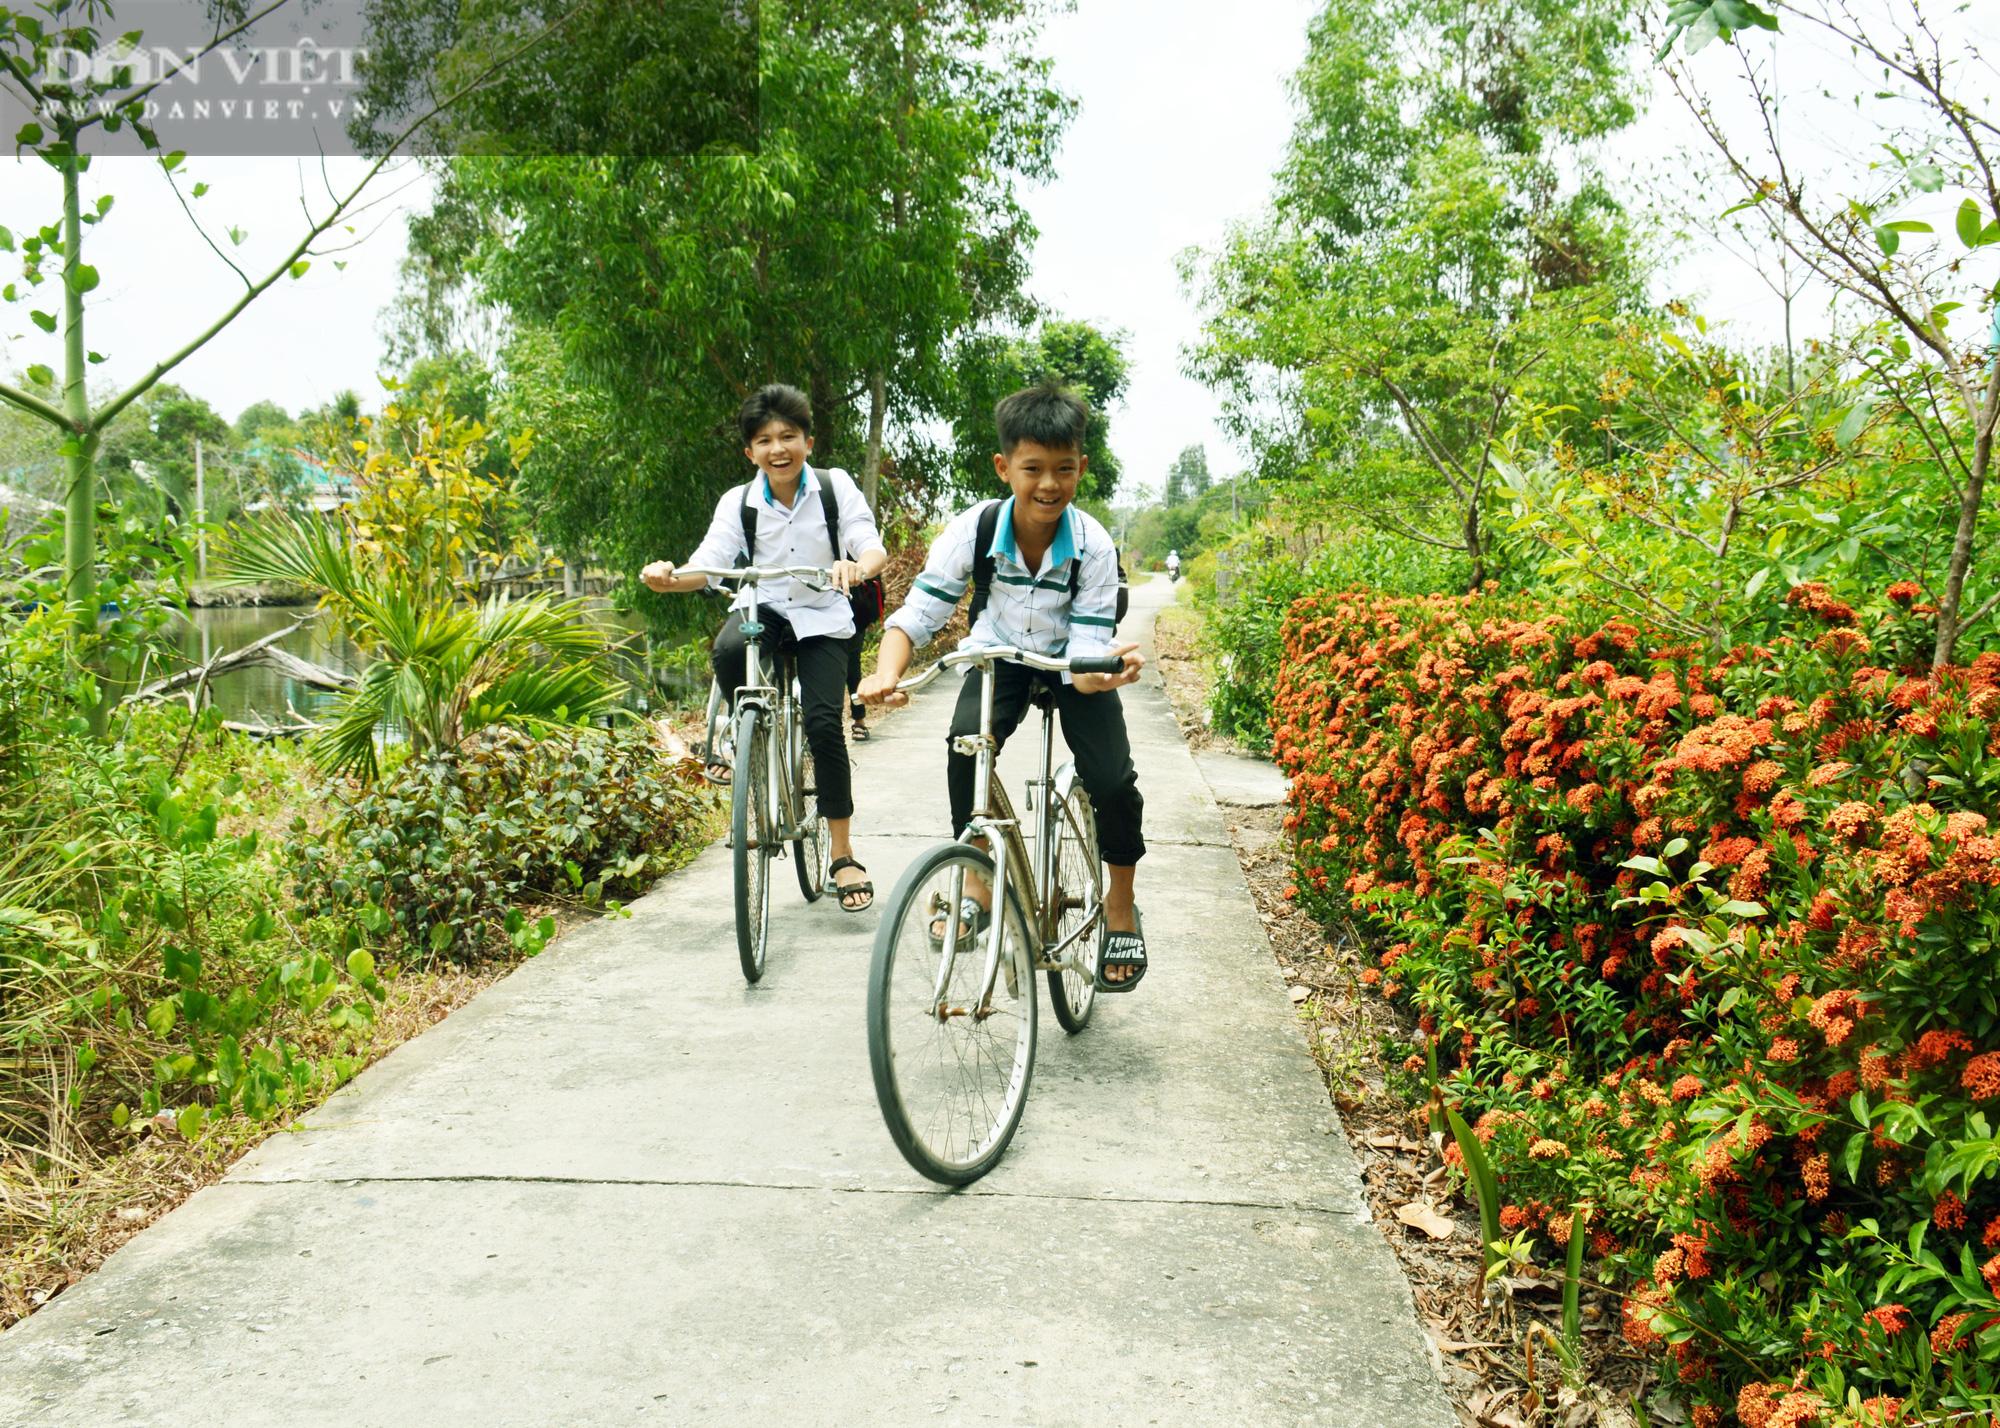 Cà Mau: Ấp Khmer chỉ có 2 hộ nghèo, nhiều mô hình làm ăn cho thu nhập cao - Ảnh 2.